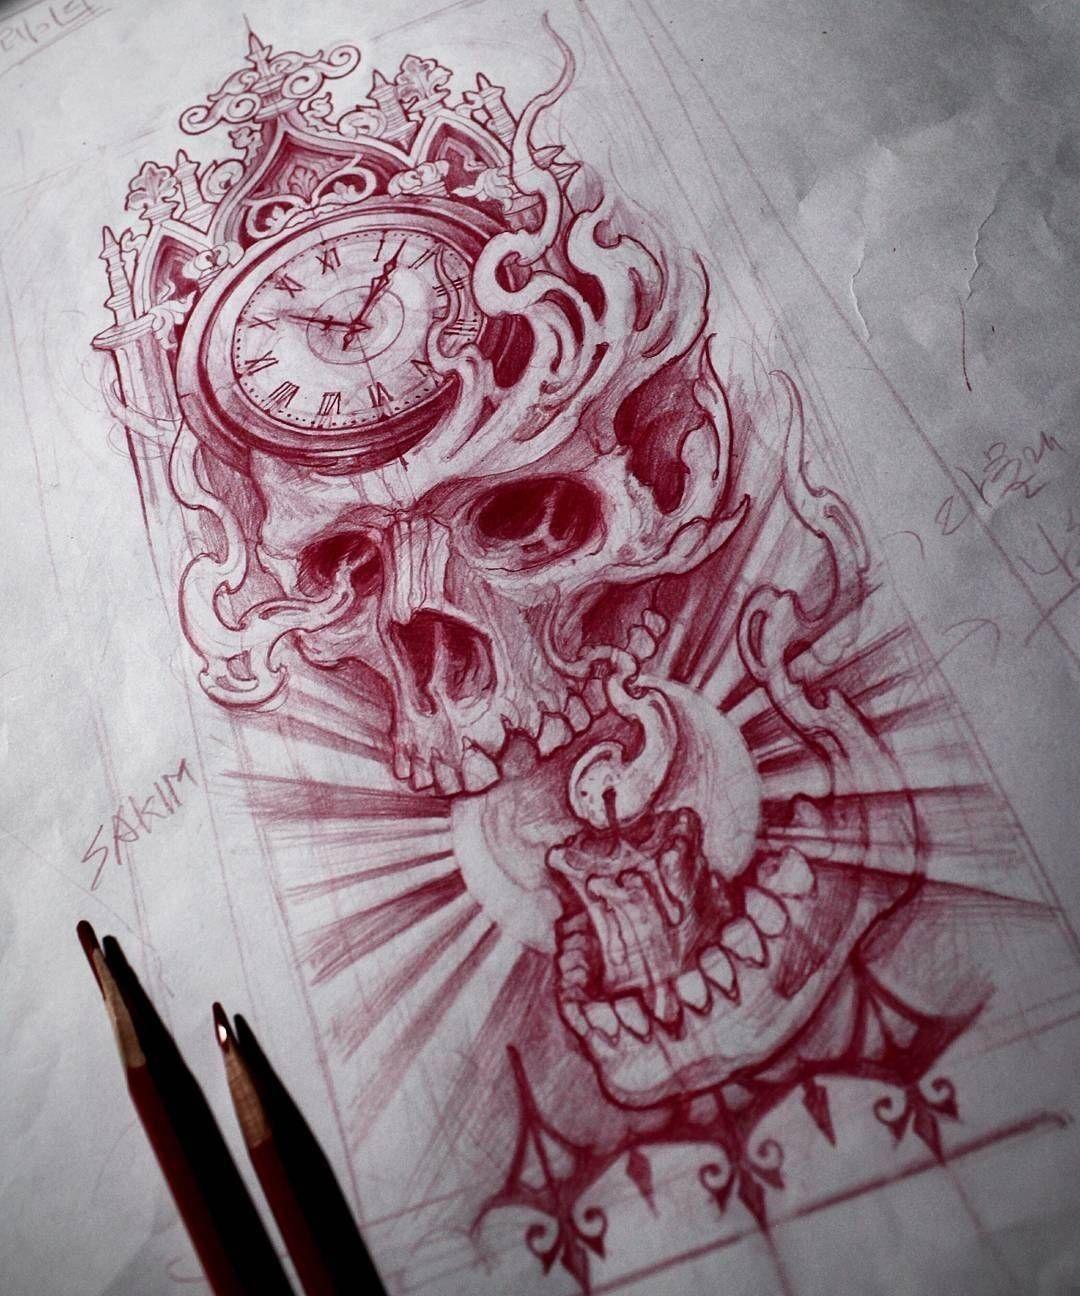 Pin By Golovatij Mihajlo On Tattoo In 2020 Skulls Drawing Skull Rose Tattoos Skull Tattoo Design